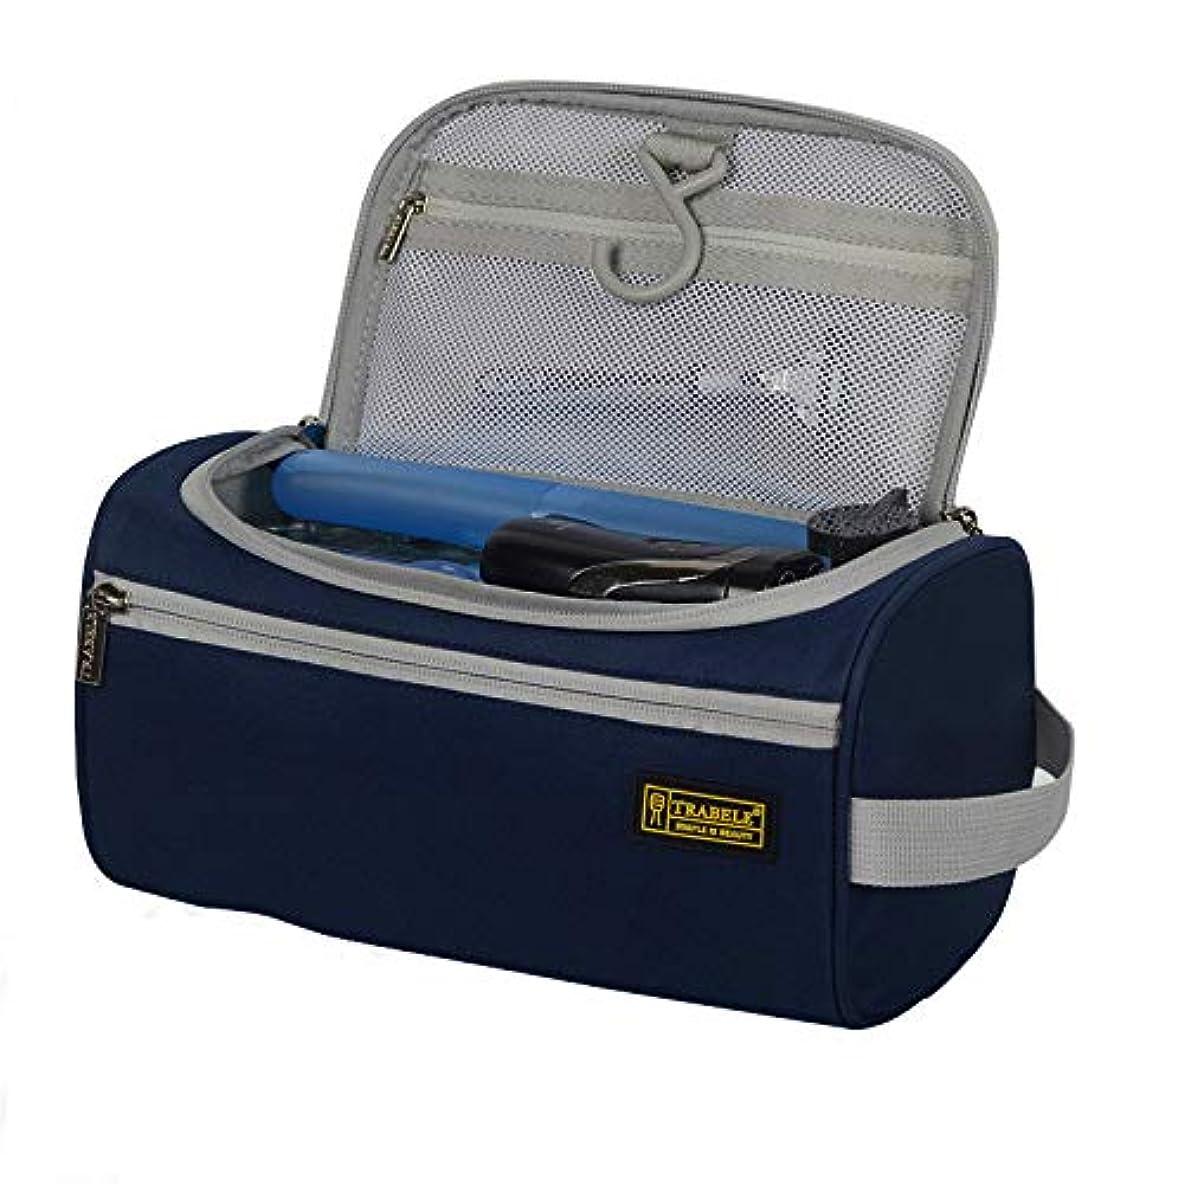 サーバント腹葡萄化粧品袋 旅行化粧品バッグ旅行ビジネスメンズウォッシュバッグオーガナイザーバッグハンギングウォッシュトイレタリーメイクアップバッグ